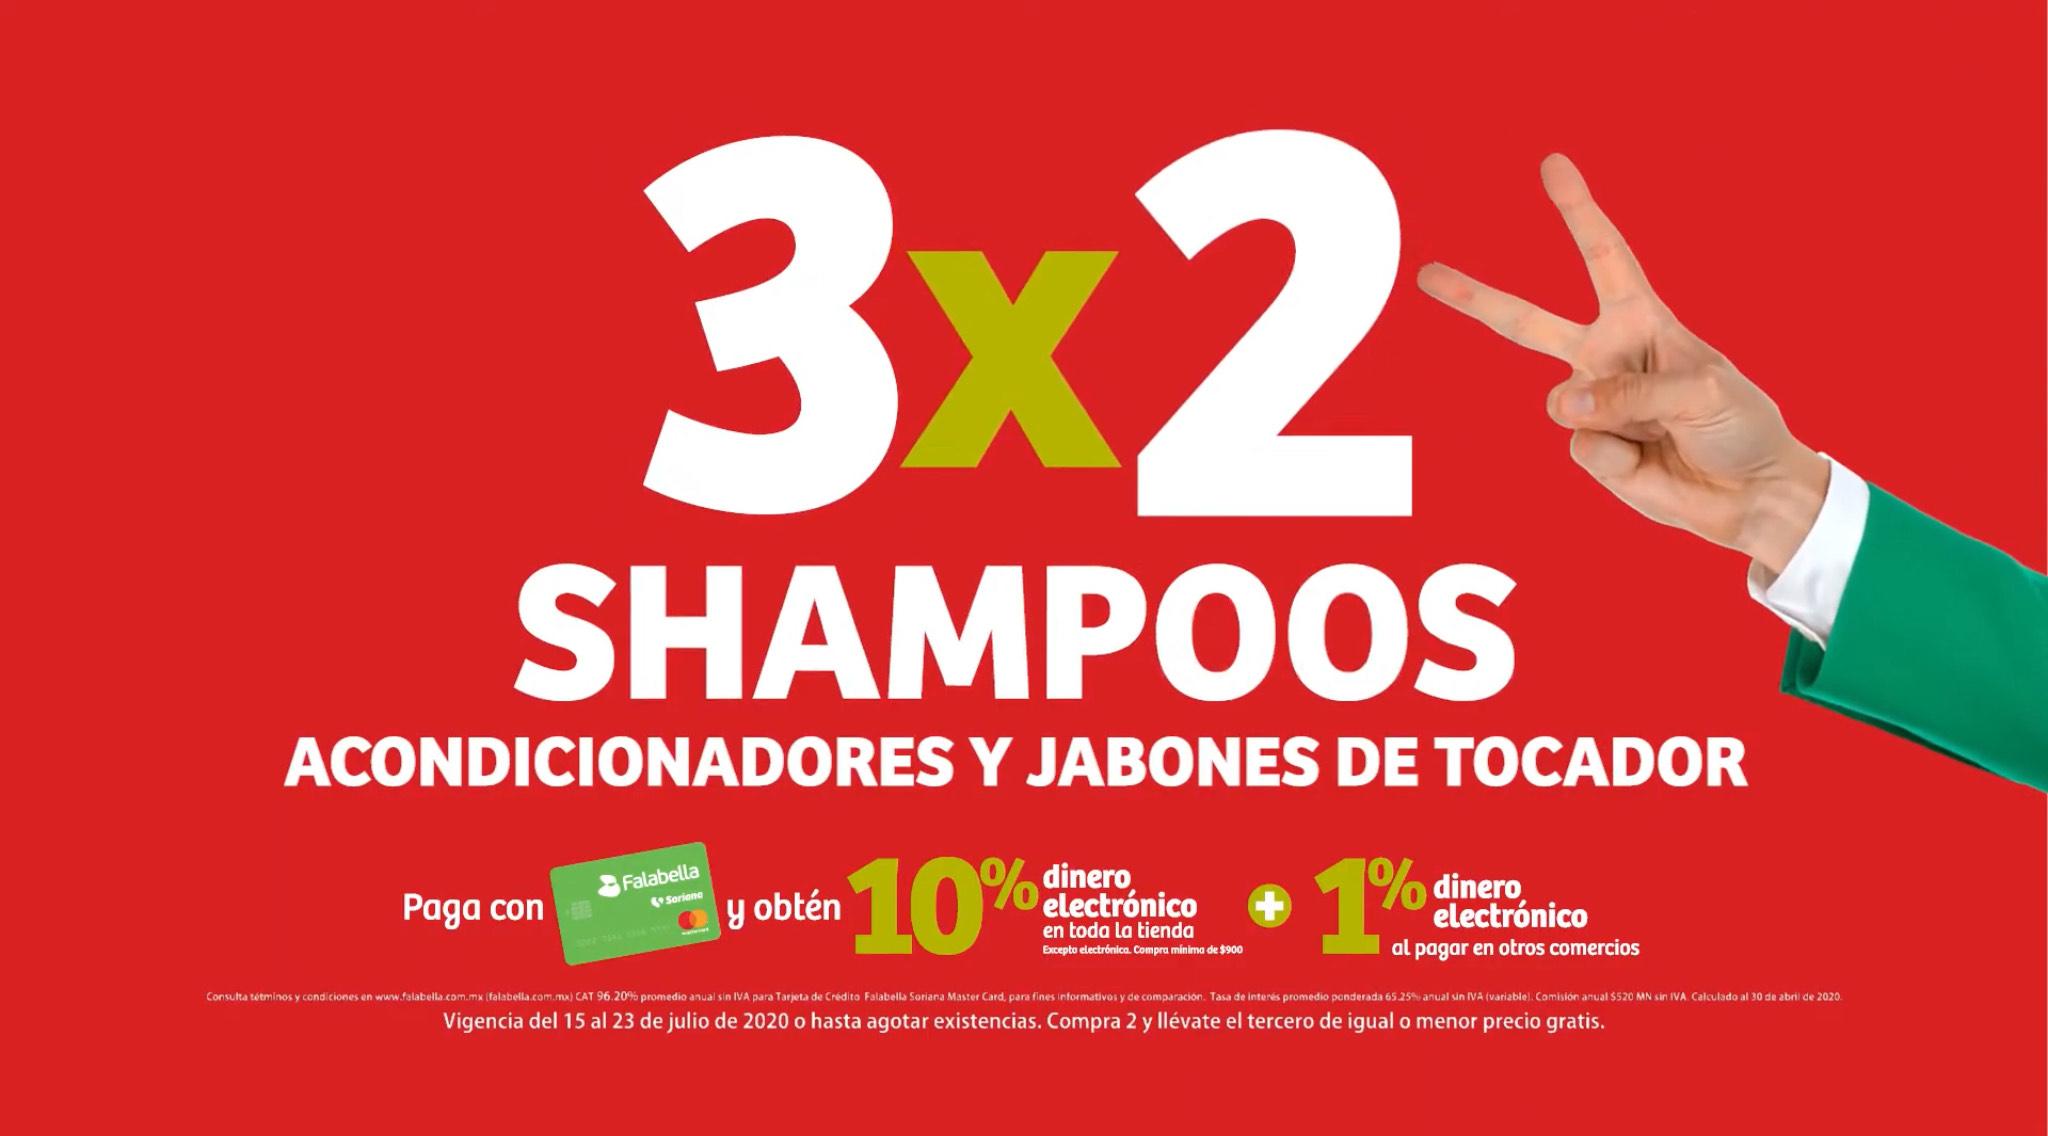 Julio Regalado 2020 en Soriana: 3x2 en TODOS los Shampoos, Acondicionador y Jabones de Tocador